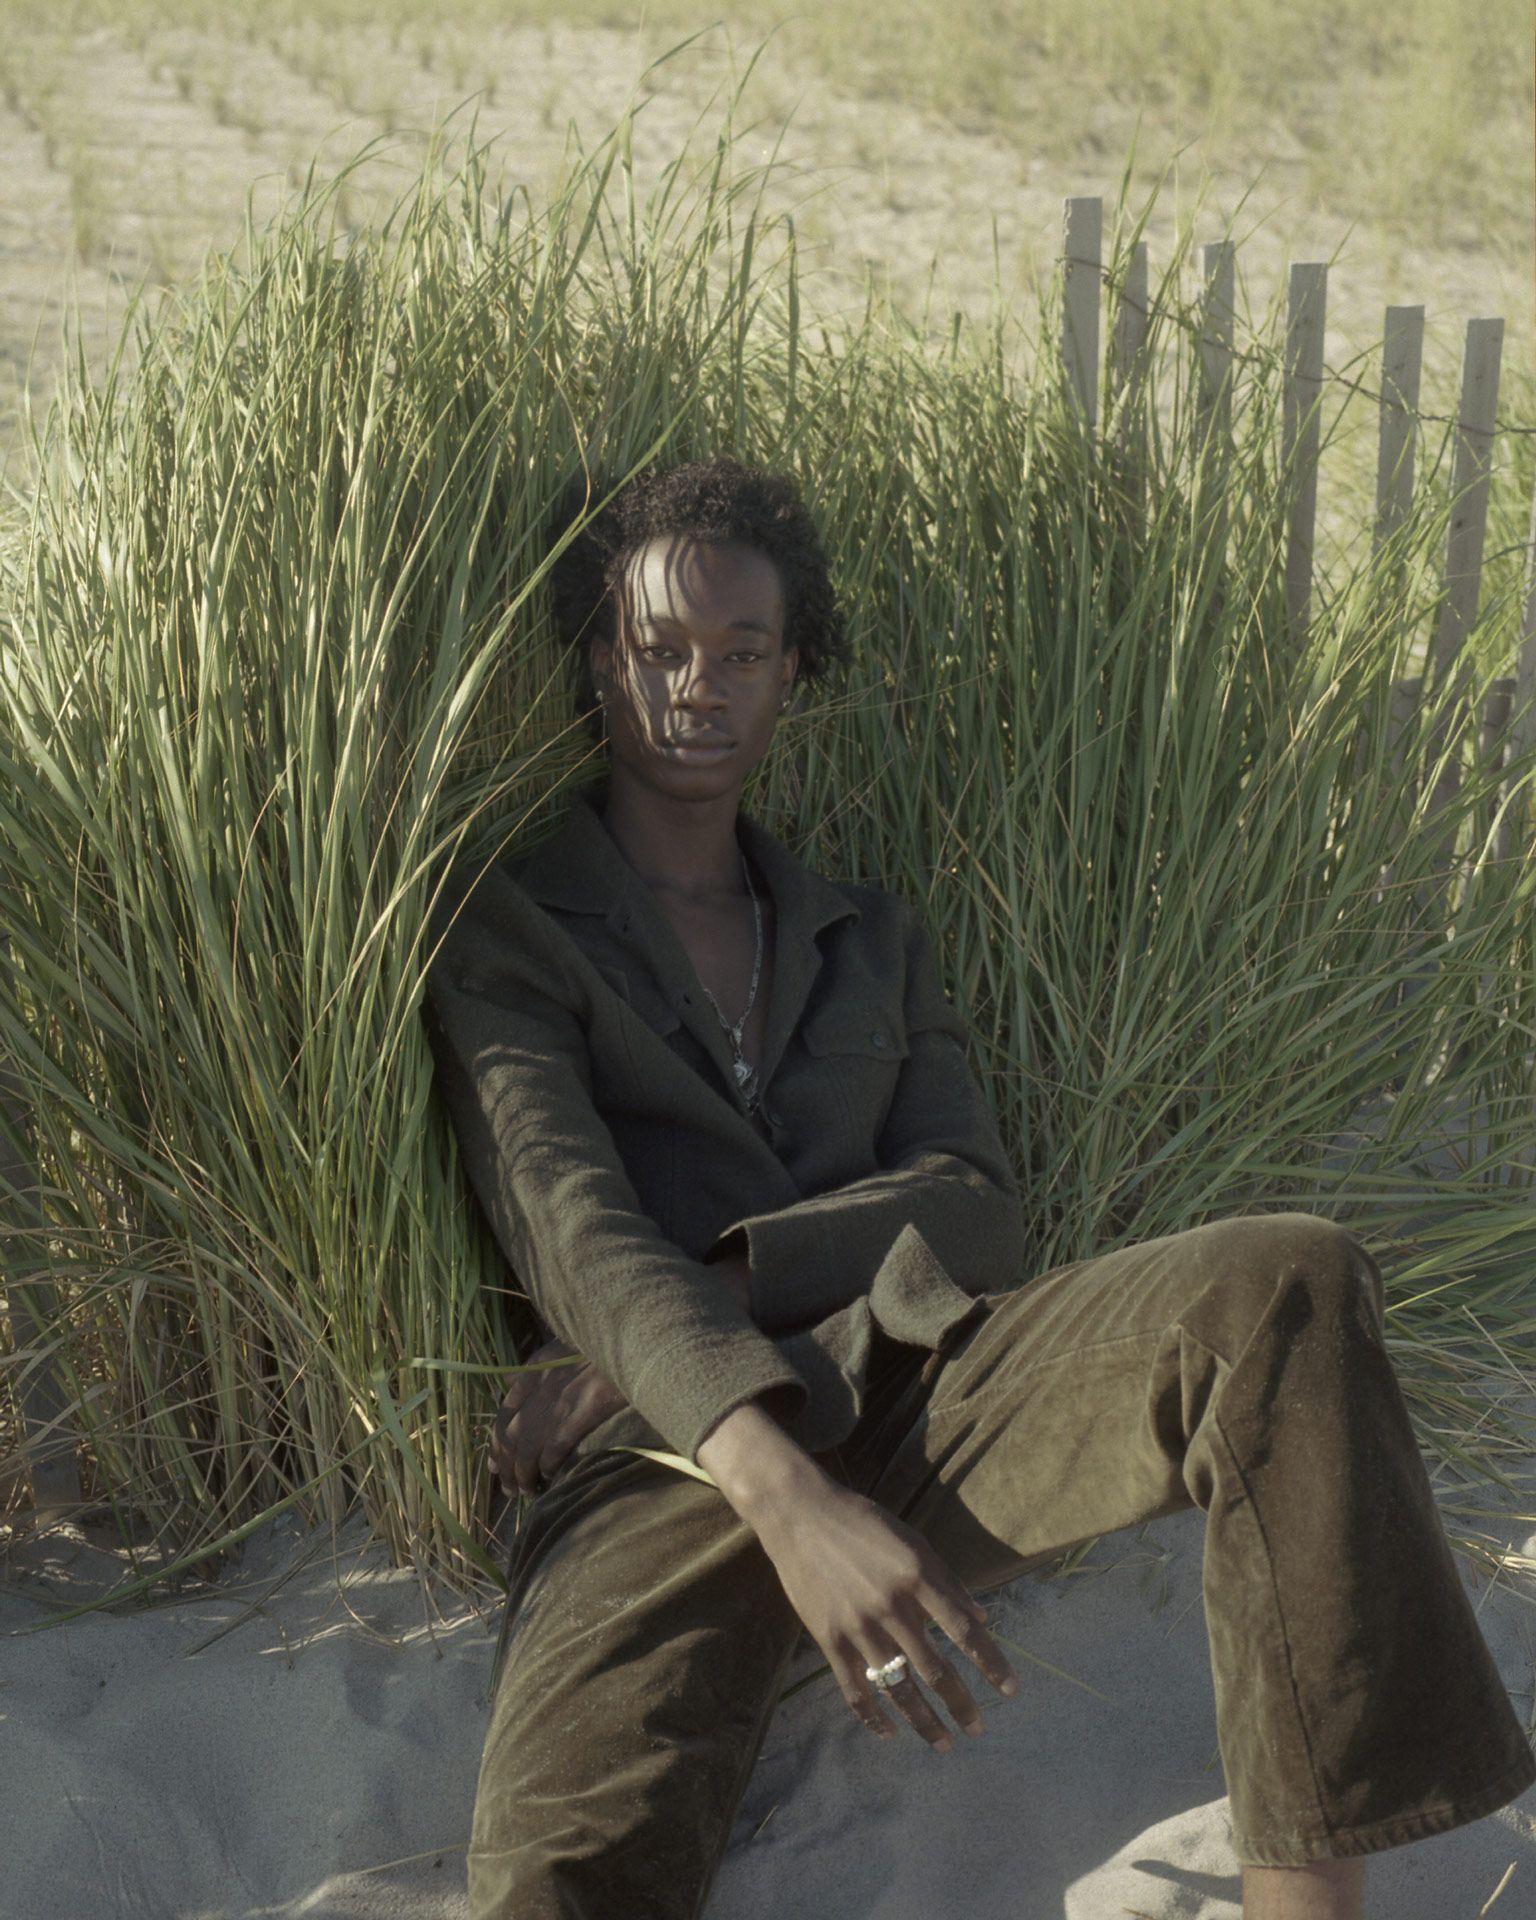 homme noir assis dans le sable le dos contre des herbes hautes regardant la caméra par Oumayma B. Tanfous pour DAZED